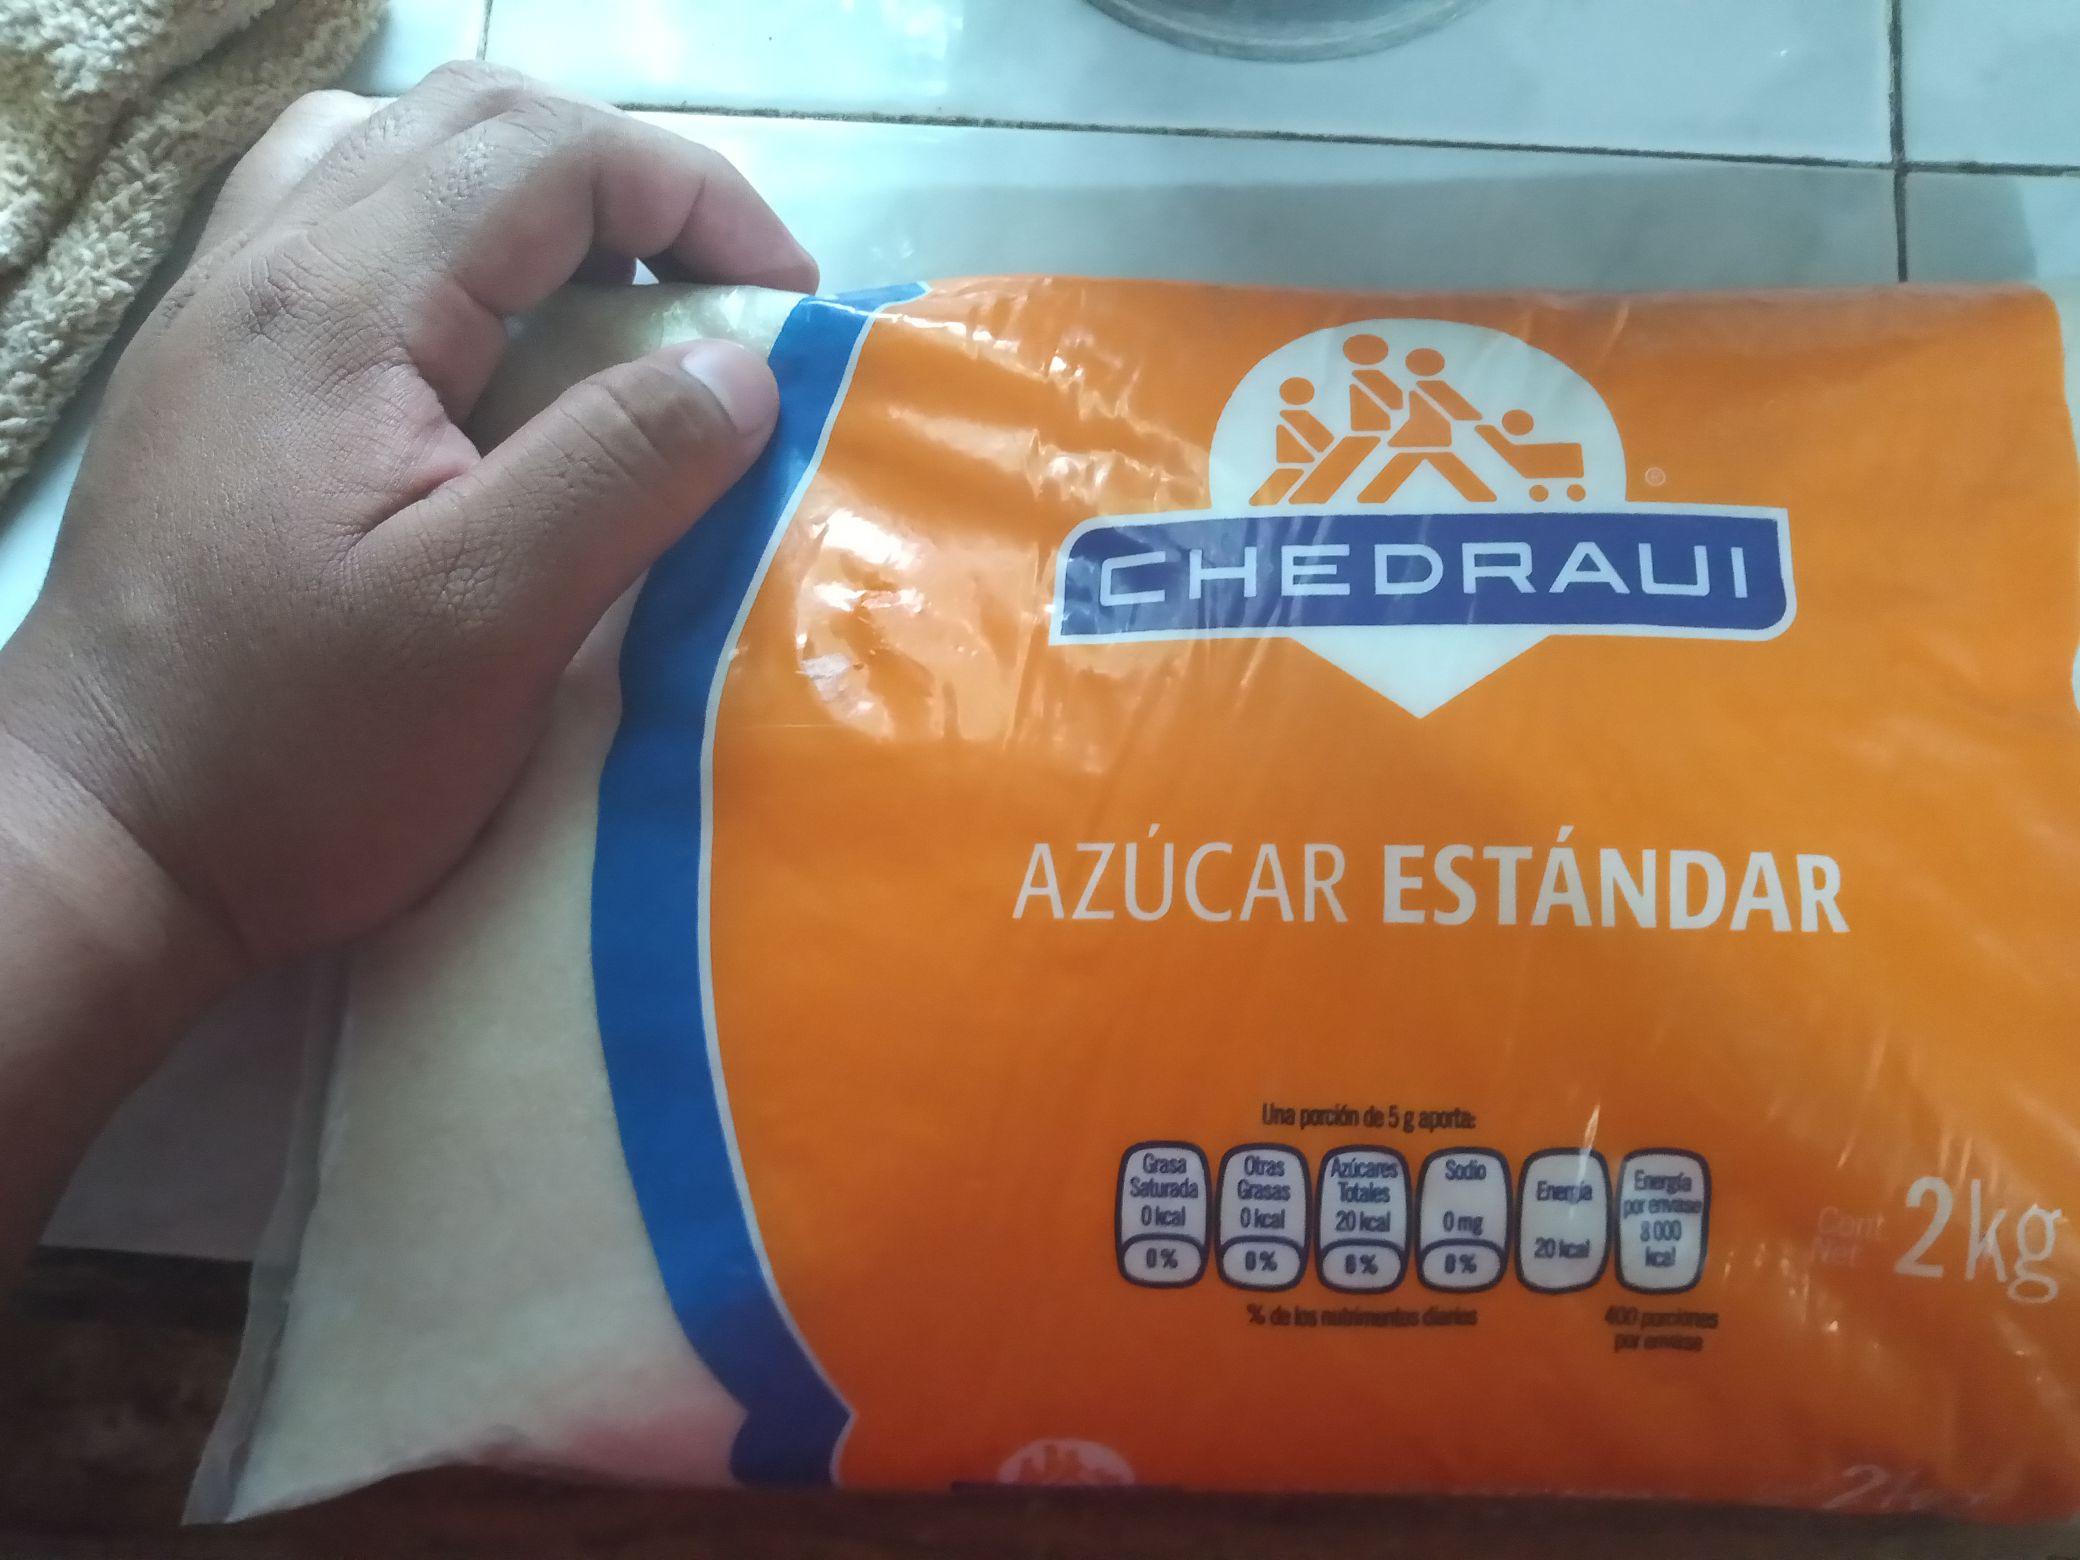 Chedraui : Azúcar Estandar 2 Kg Marca Chedraui